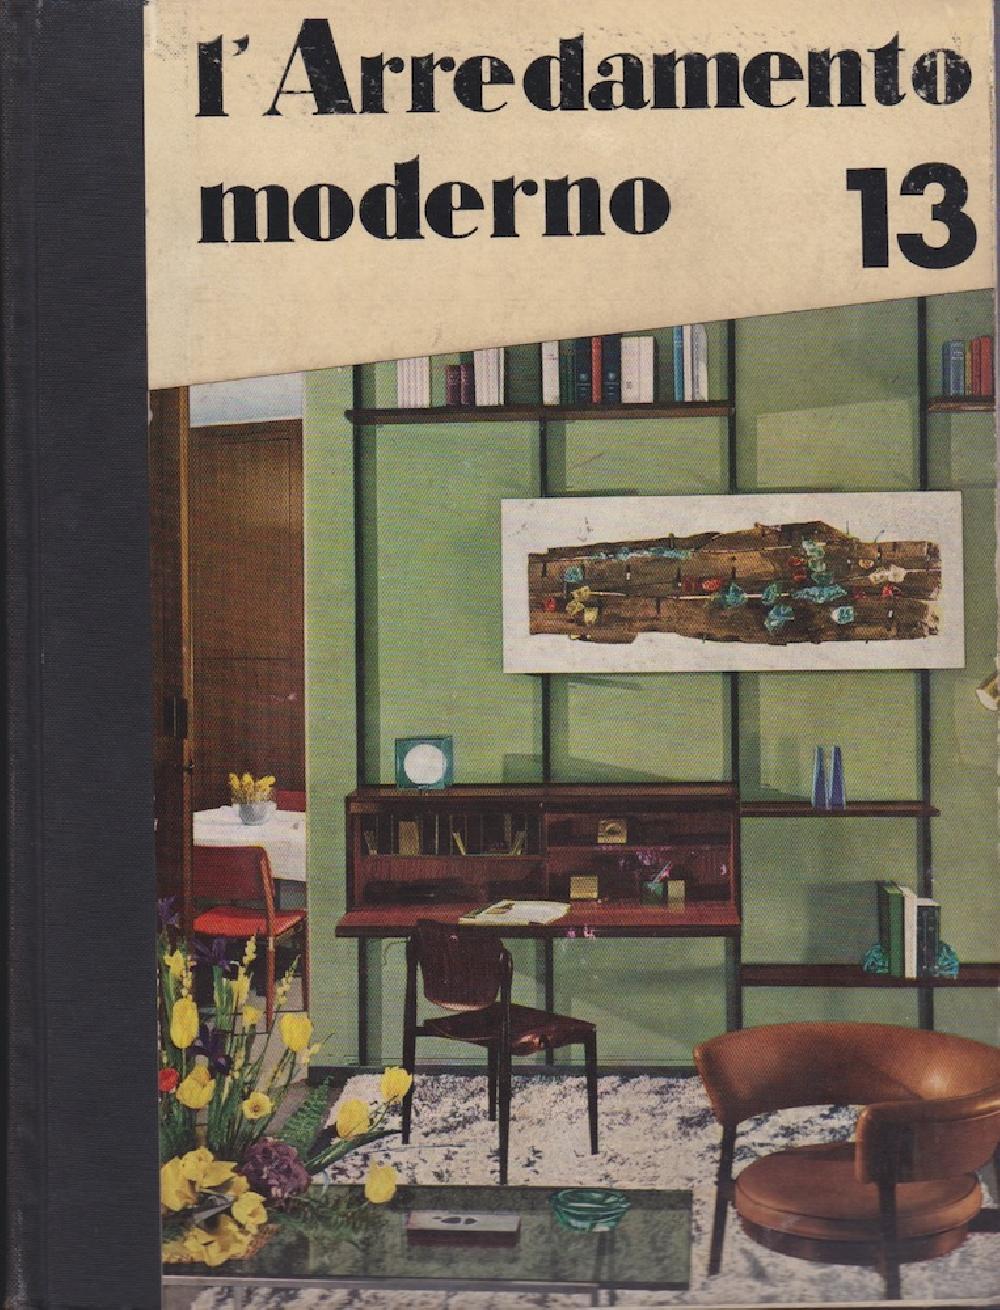 L'Arredamento moderno 13